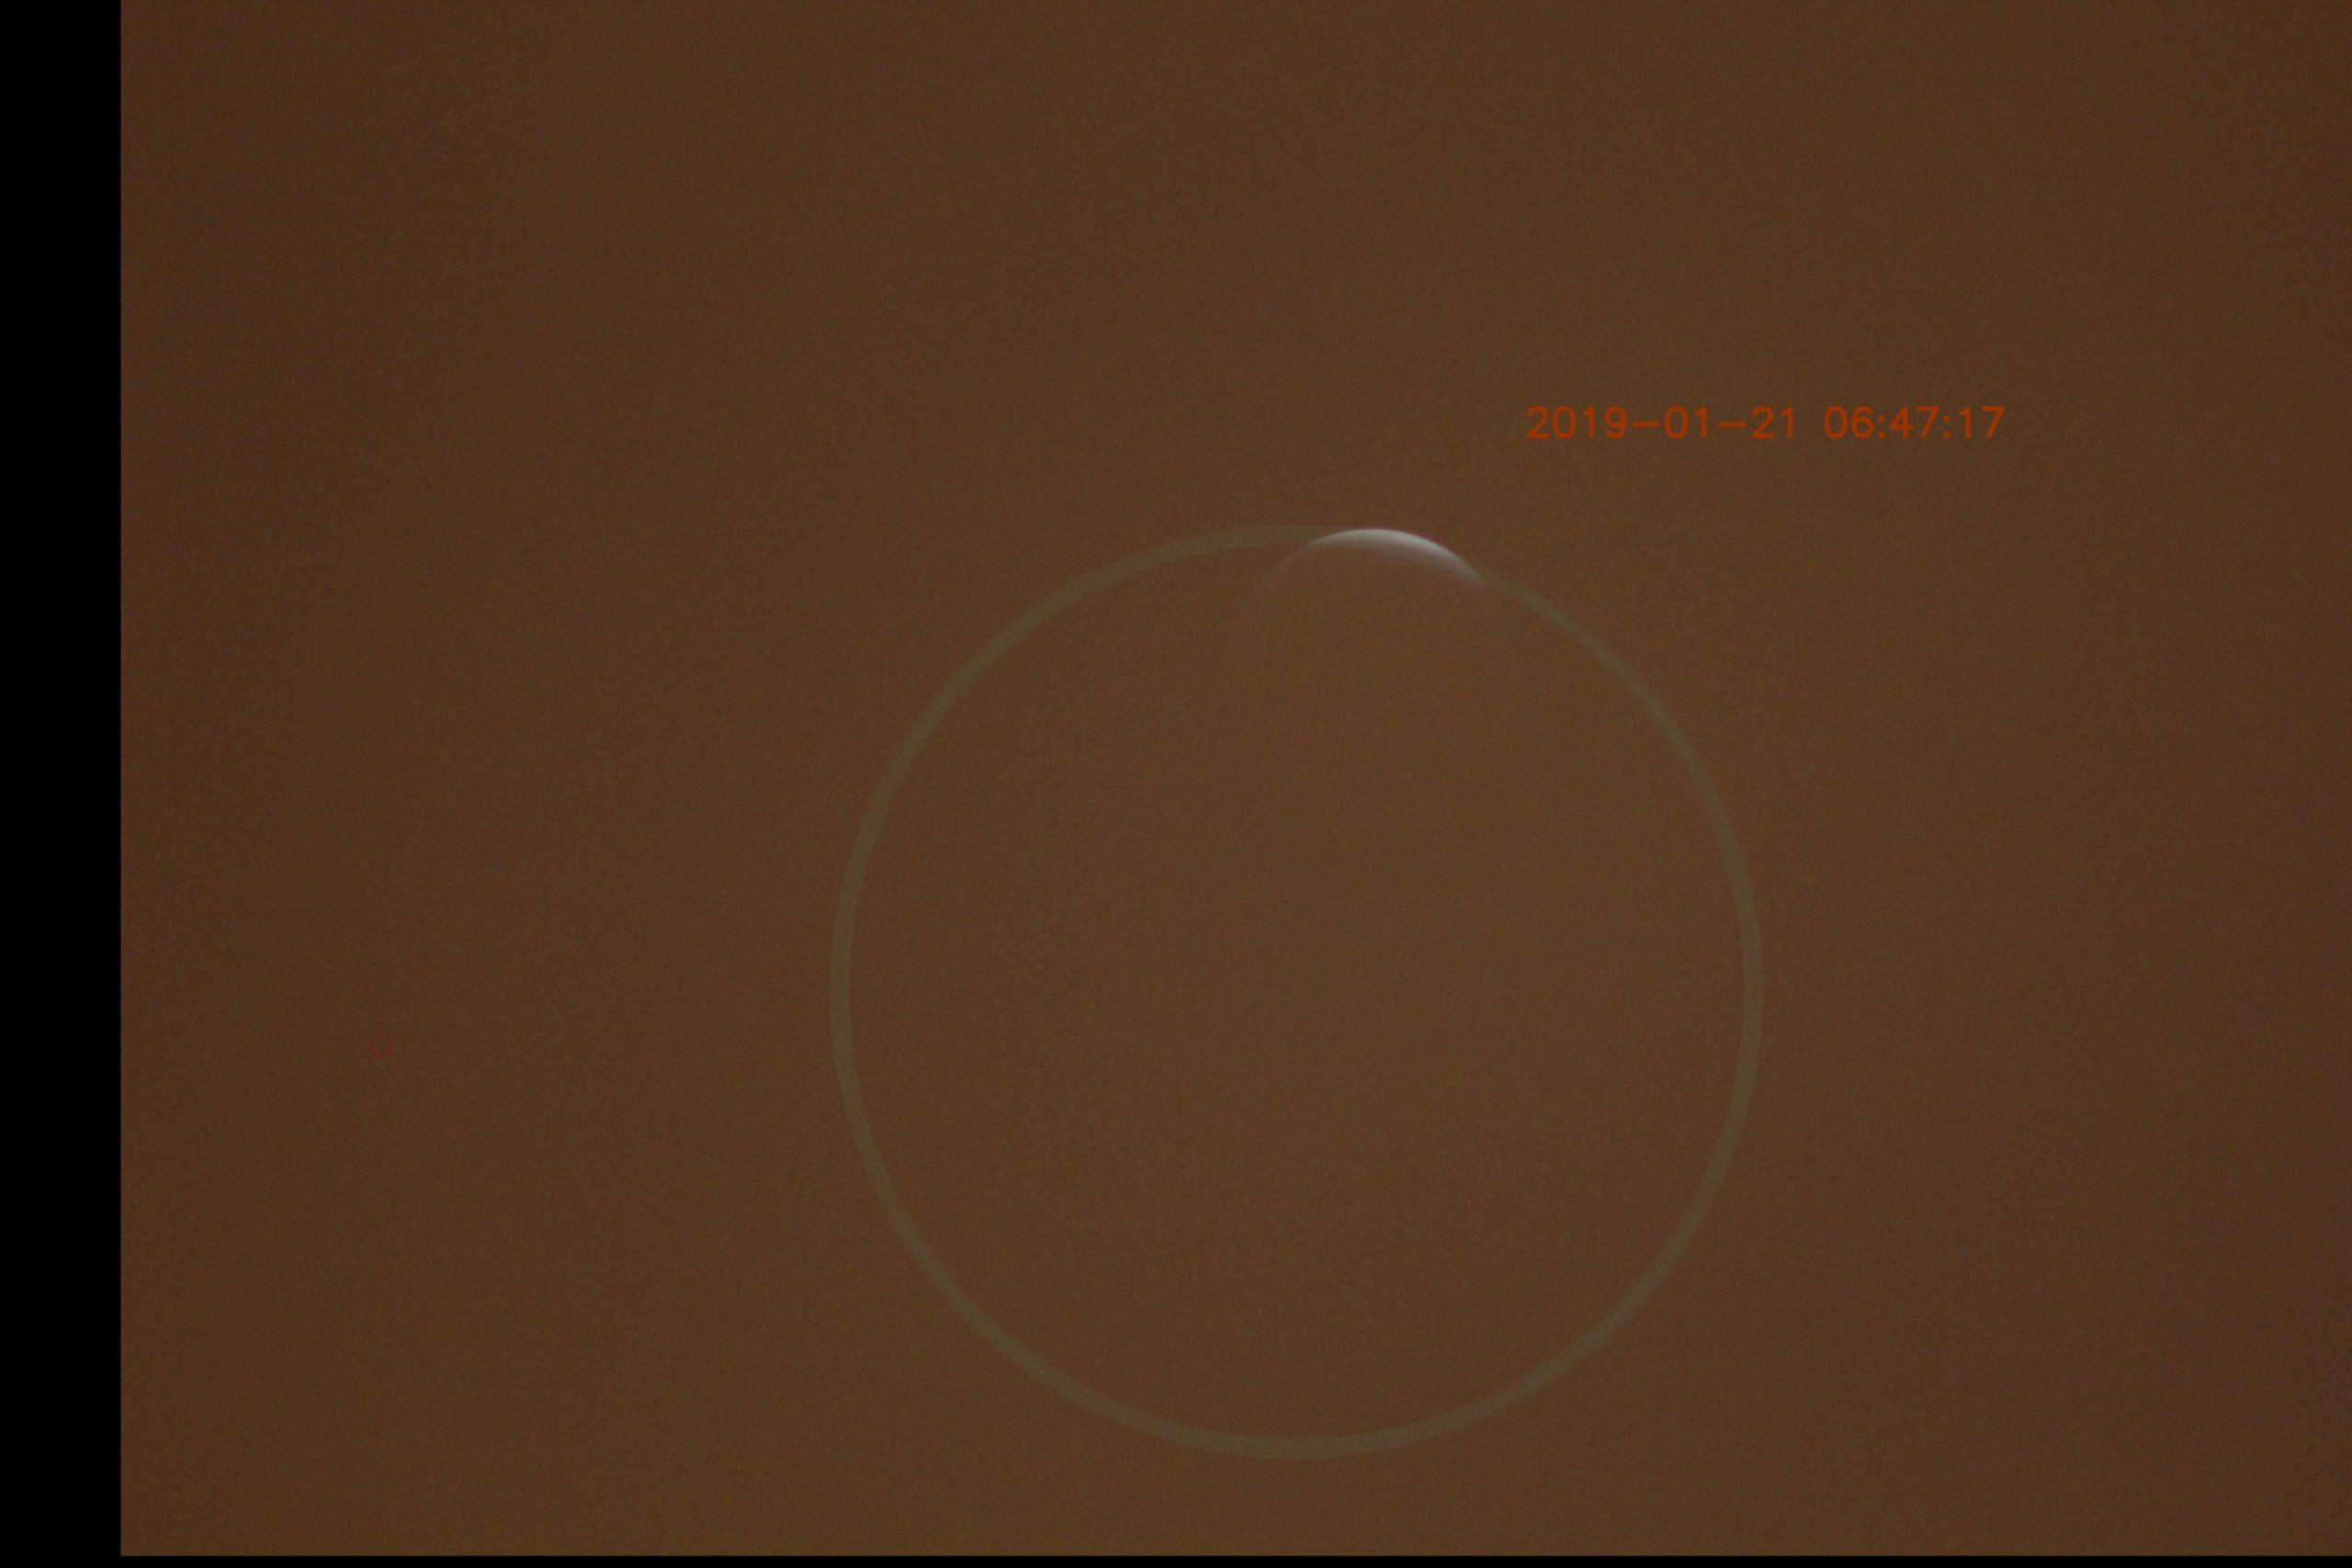 Ende der Totalität (man erkennt die nachträgliche Bildverschiebung am schwarzen Rand links und unten)